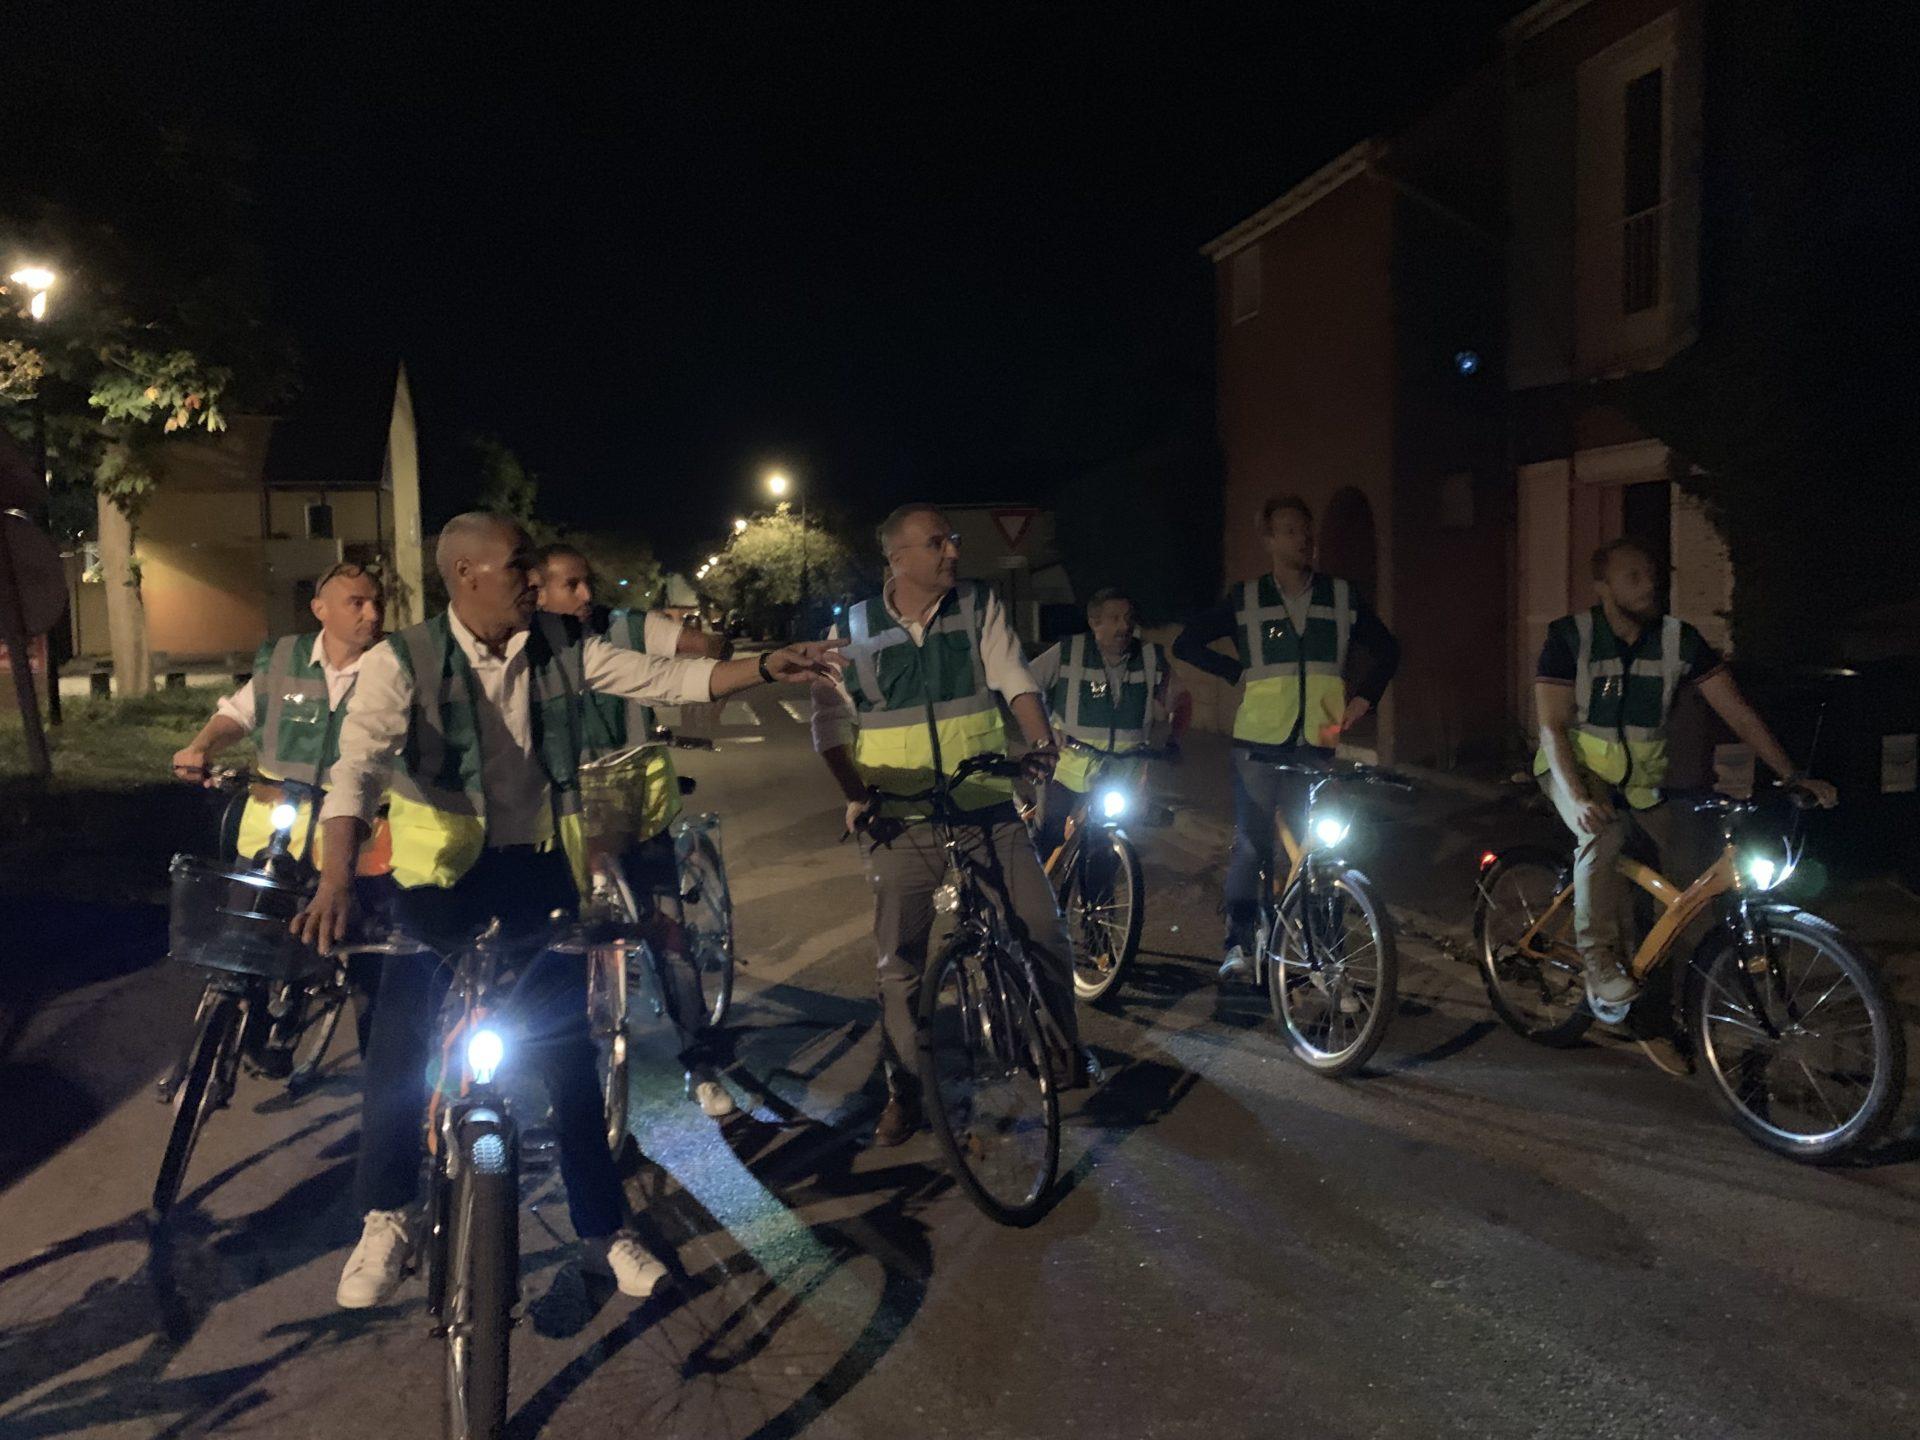 Sécurité : le maire multiplie les rondes de nuit